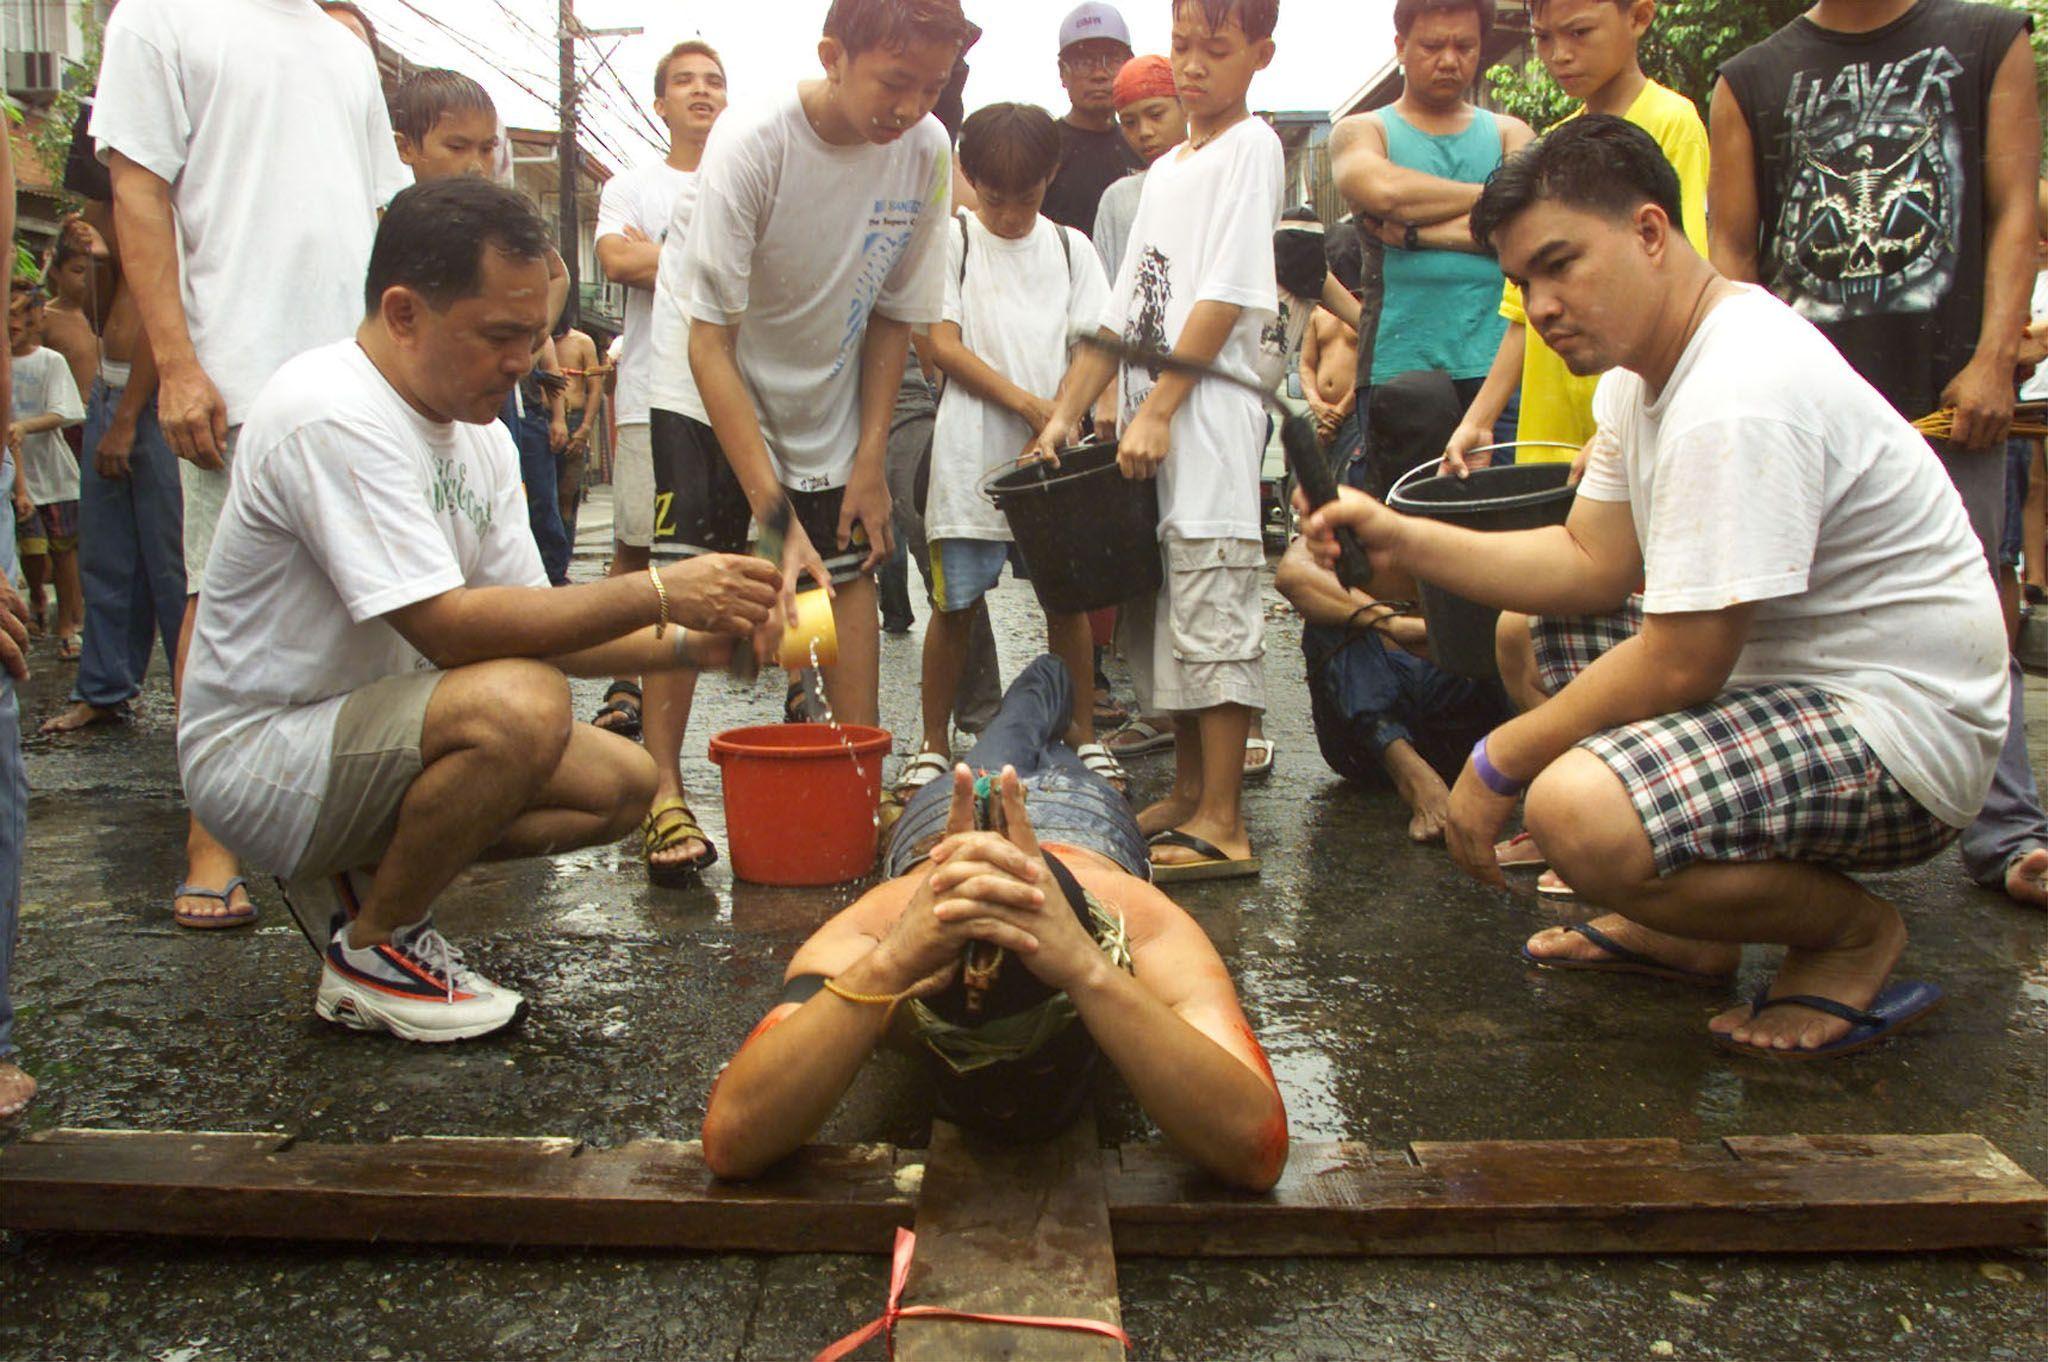 strane tradizioni pasquali nel mondo filippine